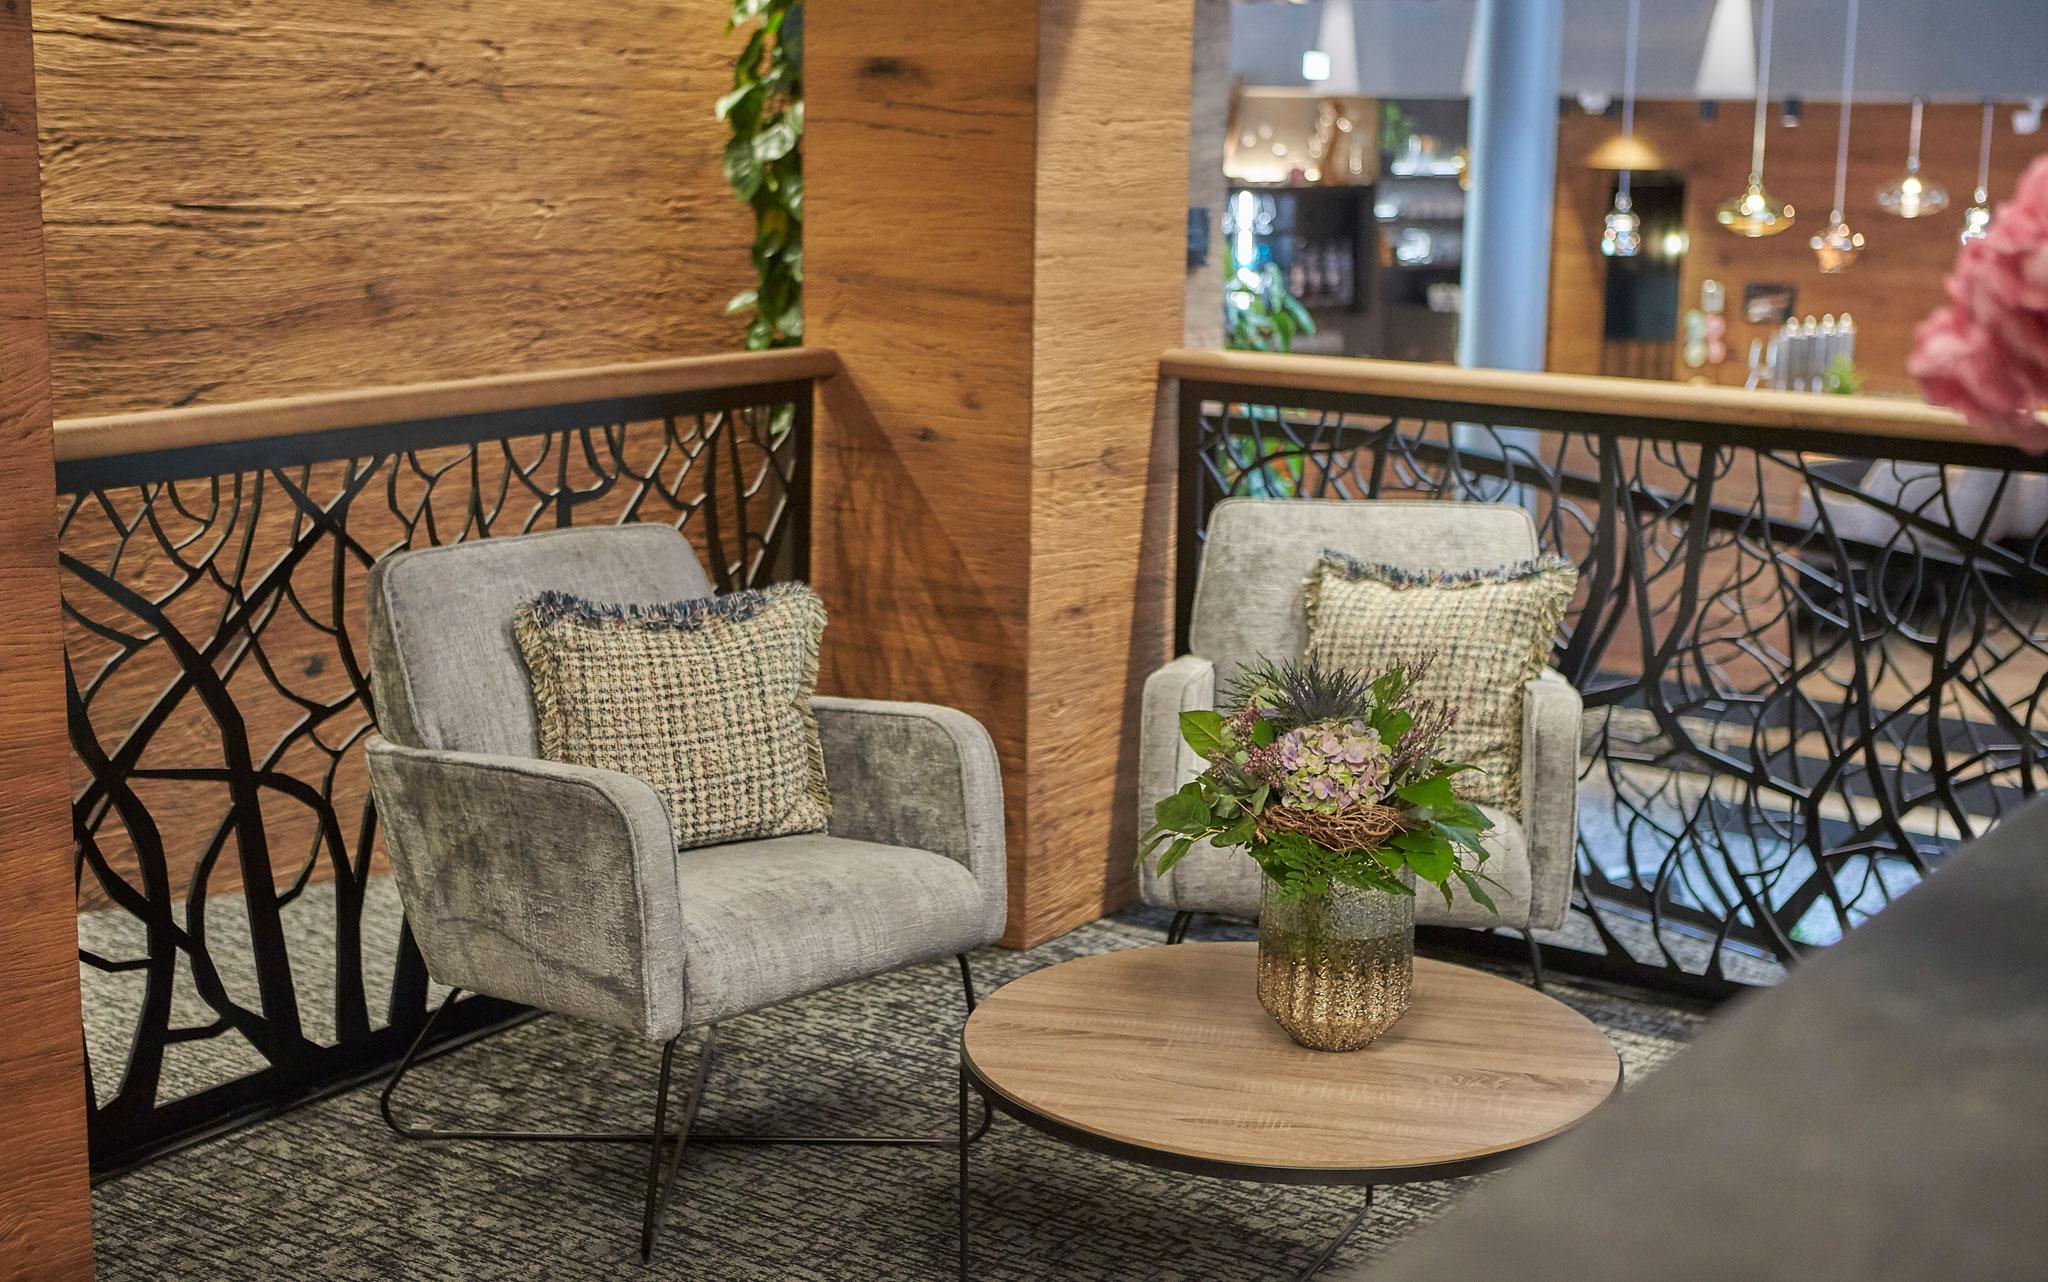 Zwei gemütliche Stühle mit einem niedrigen Tisch in der Lounge des Hotels